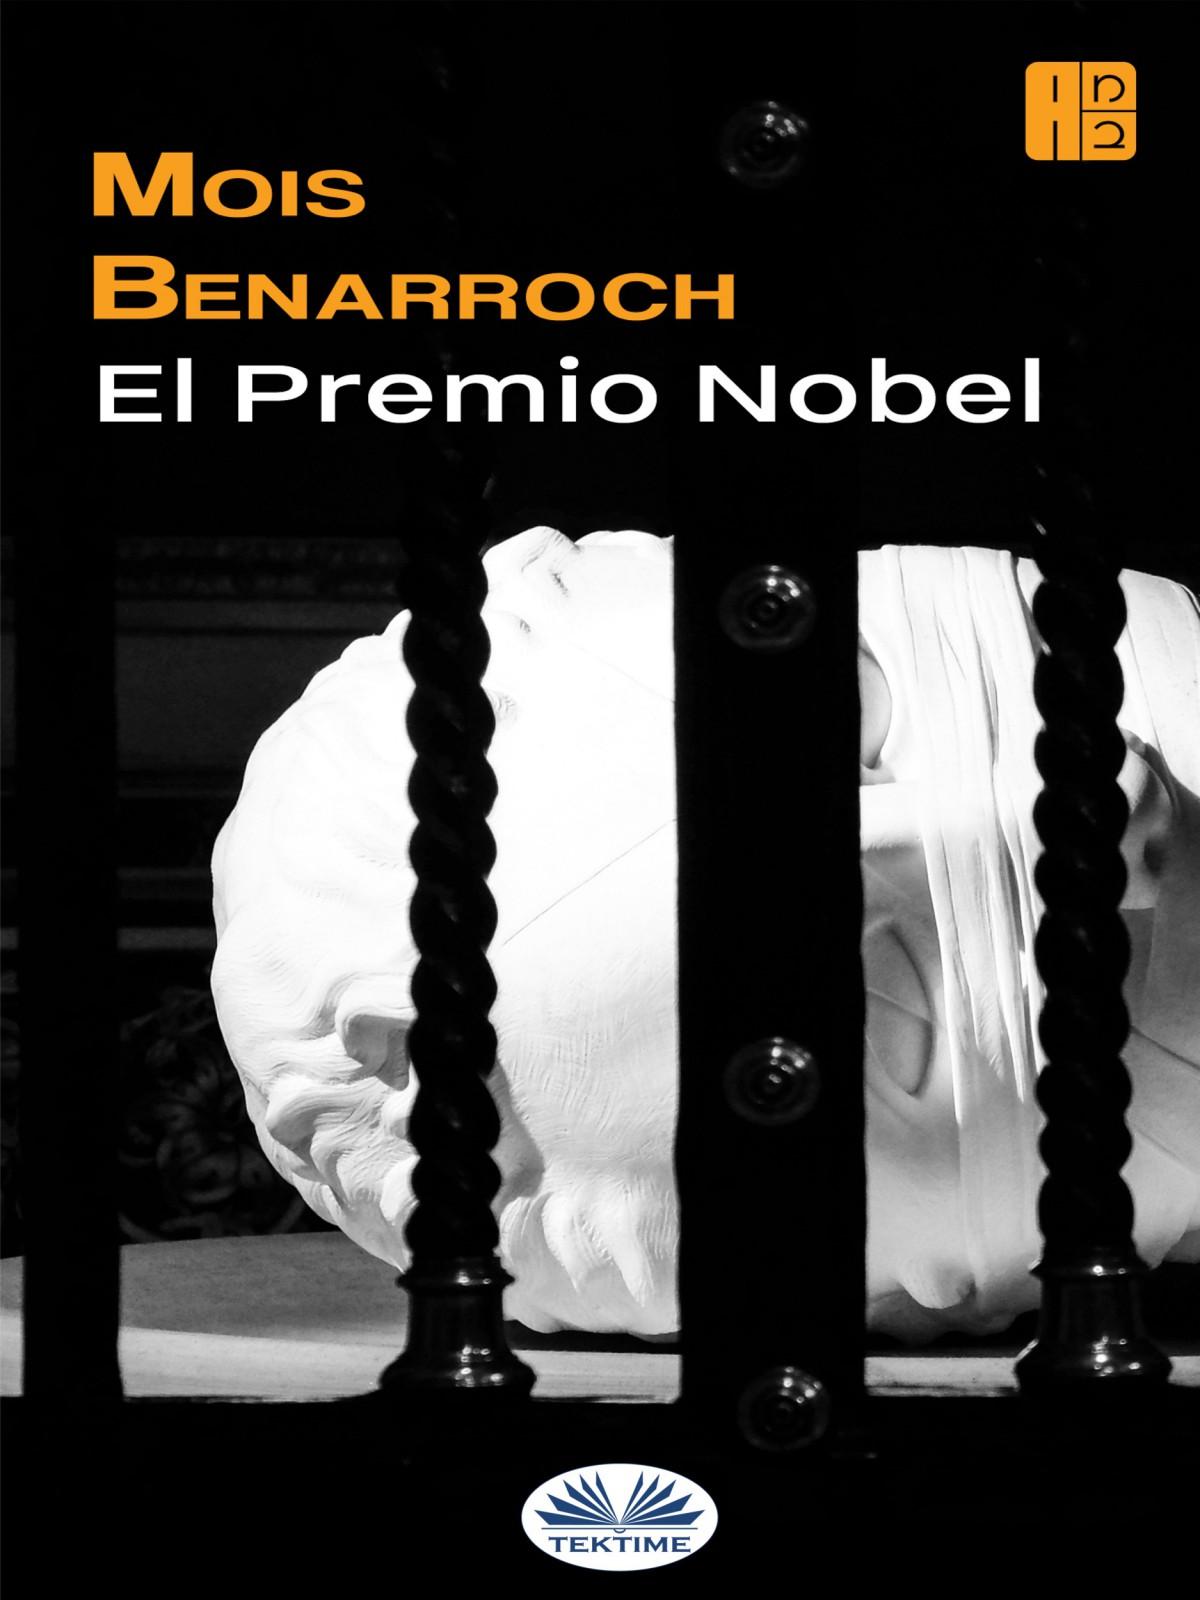 Mois Benarroch El Premio Nobel стоимость